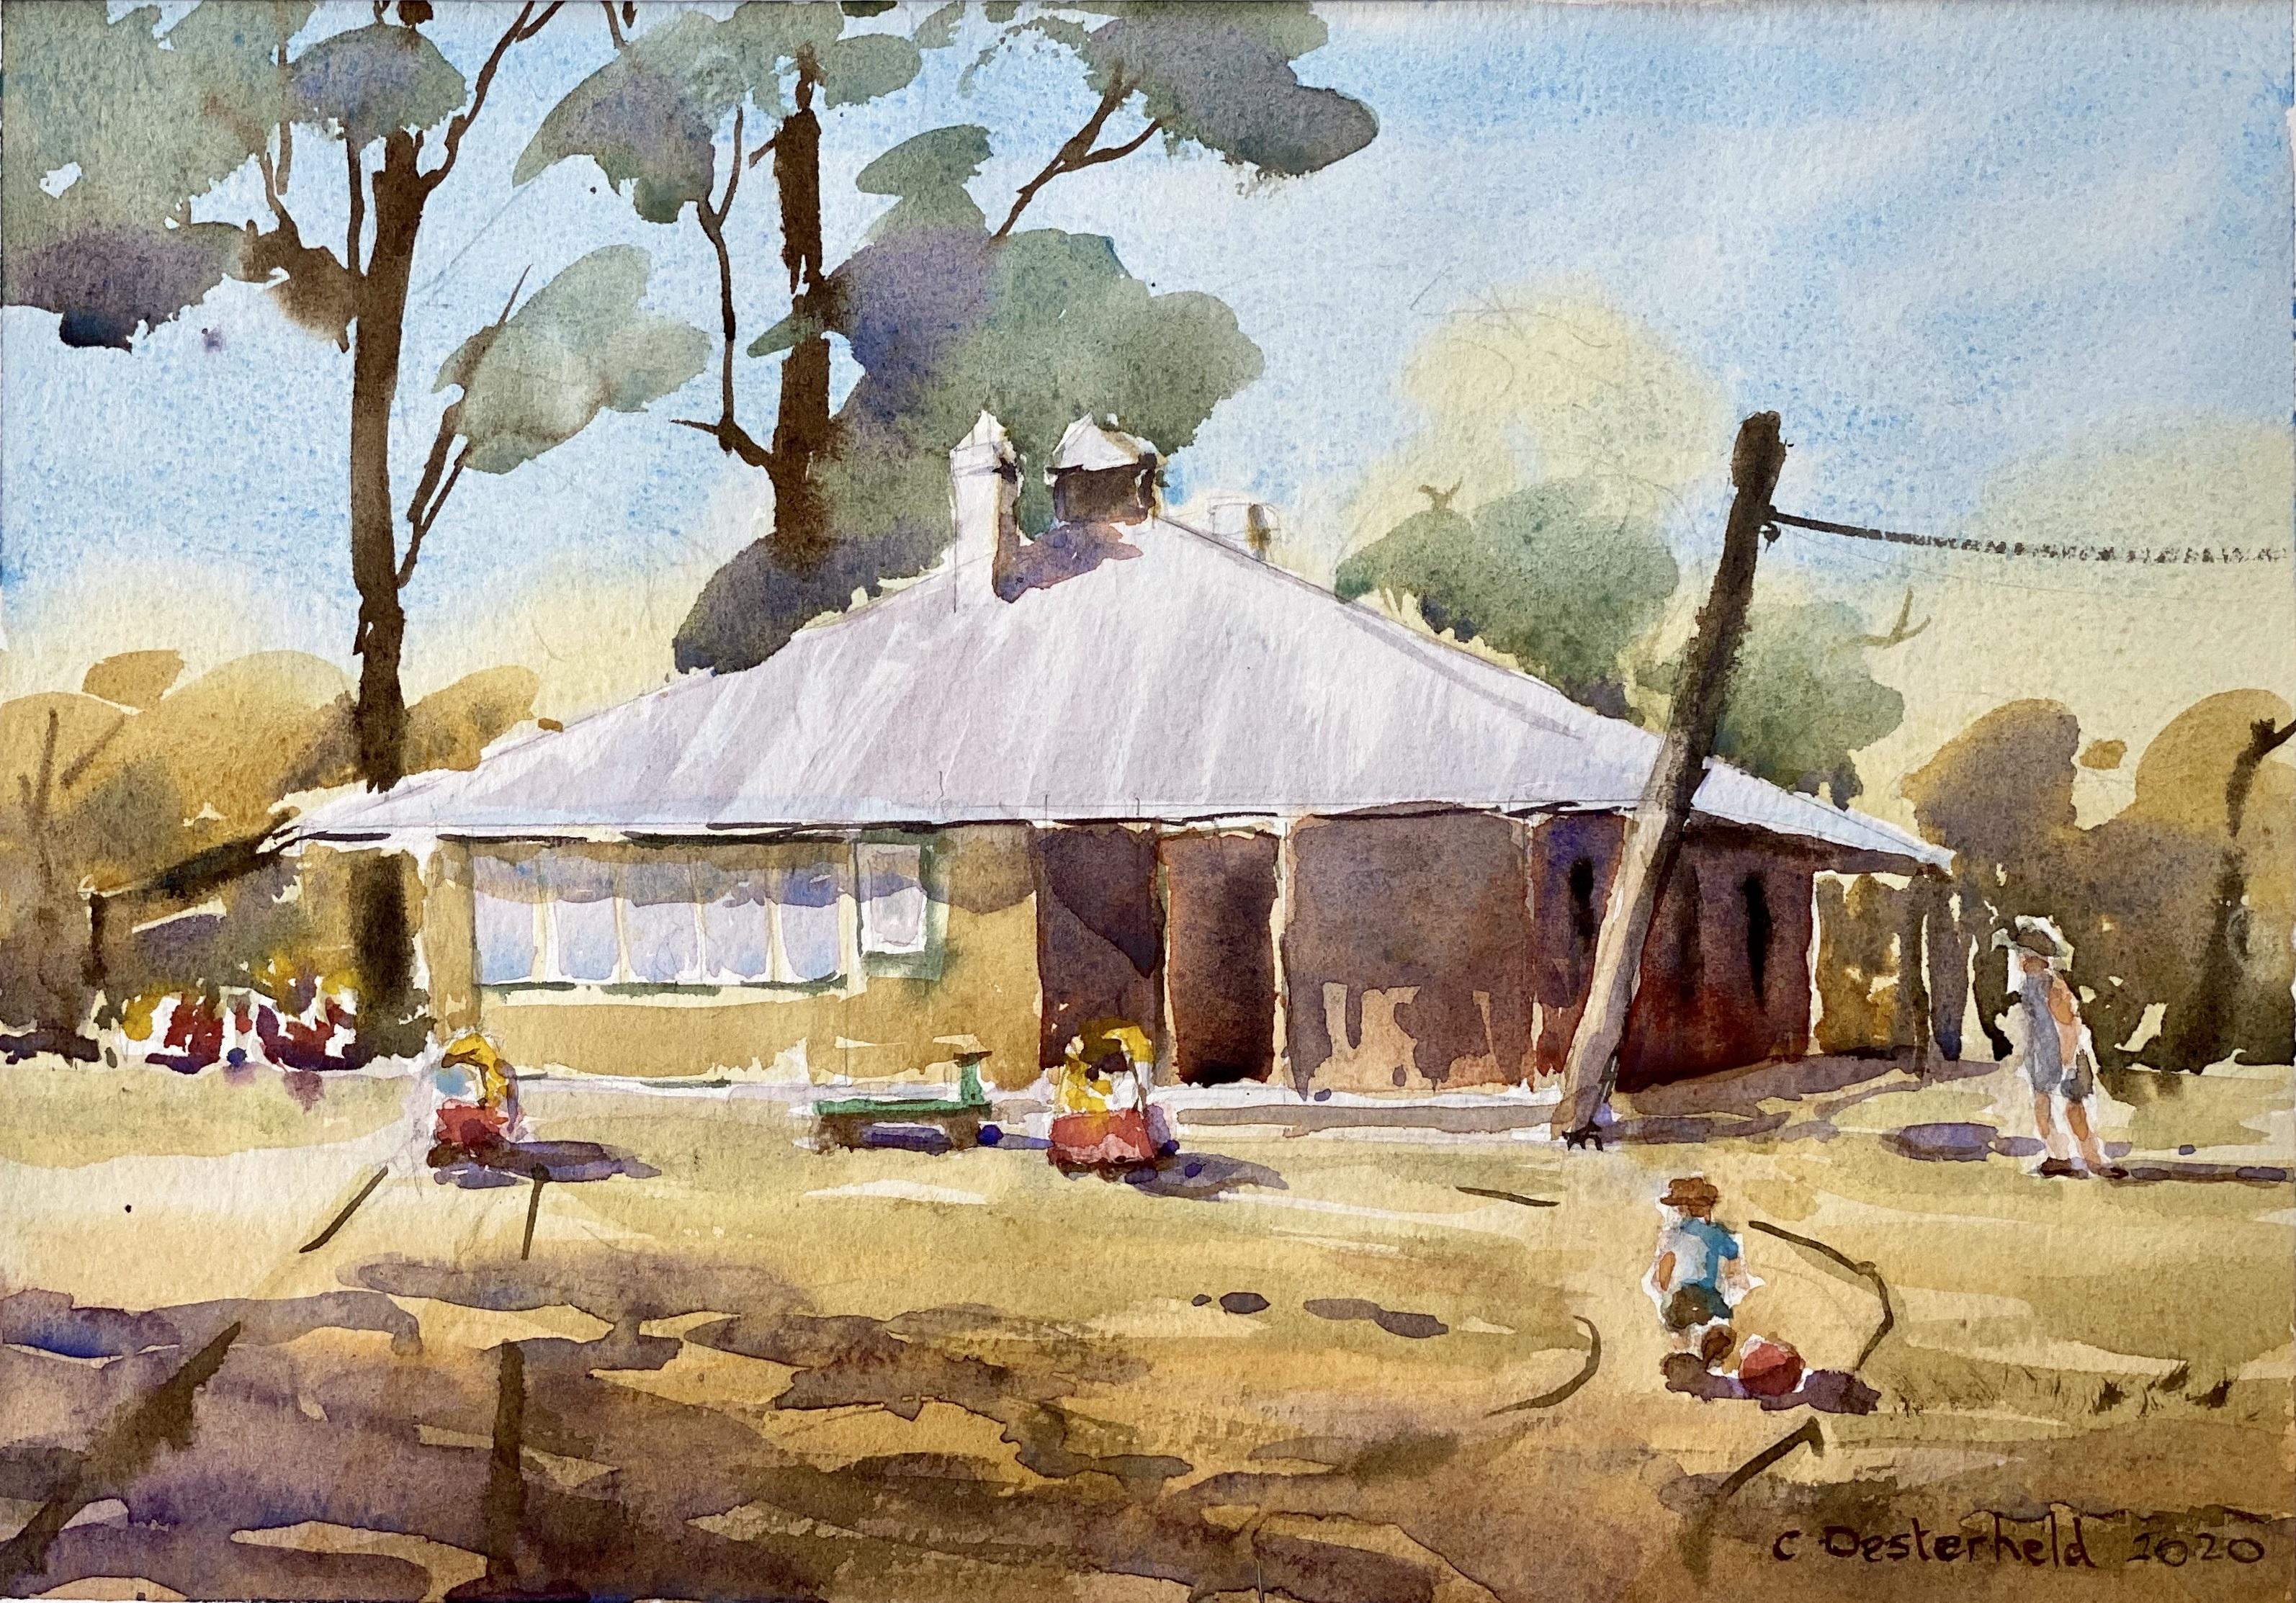 Caroline Oesterheld painting